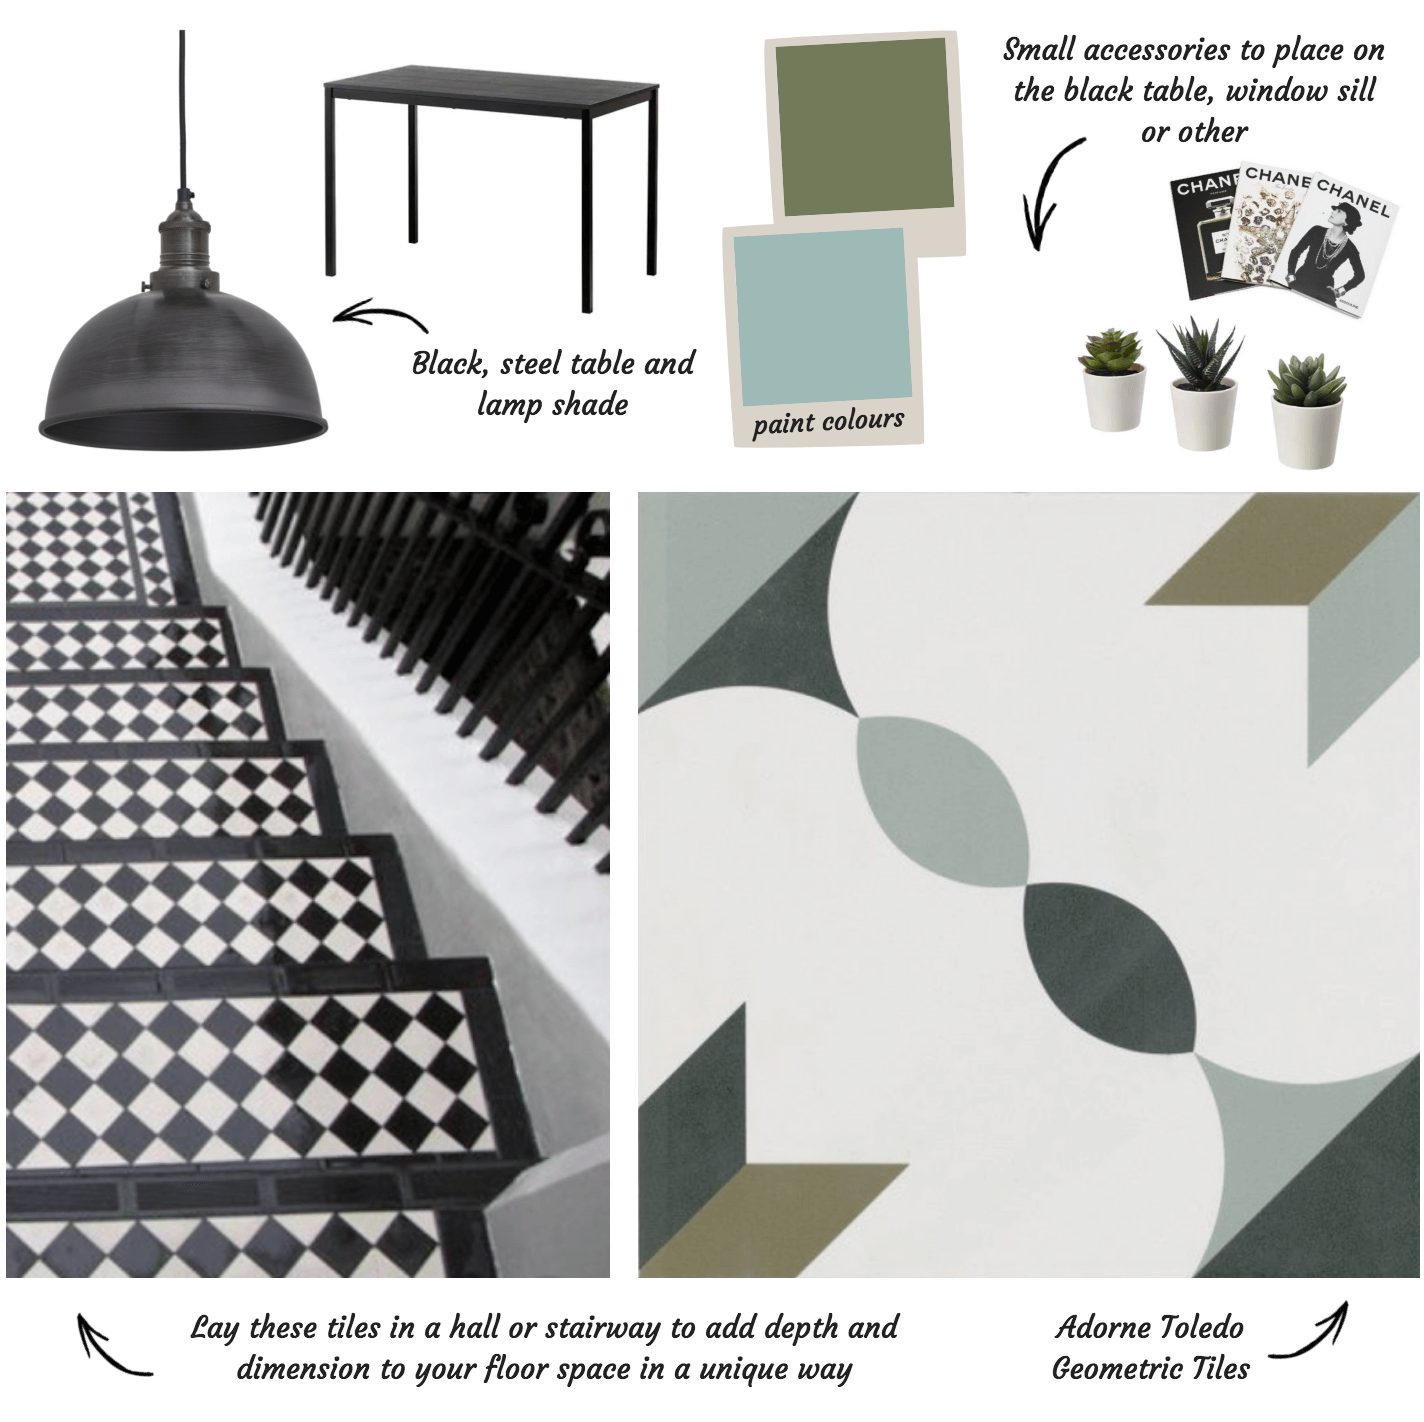 Adorne Toledo Tiles from Tile Giant